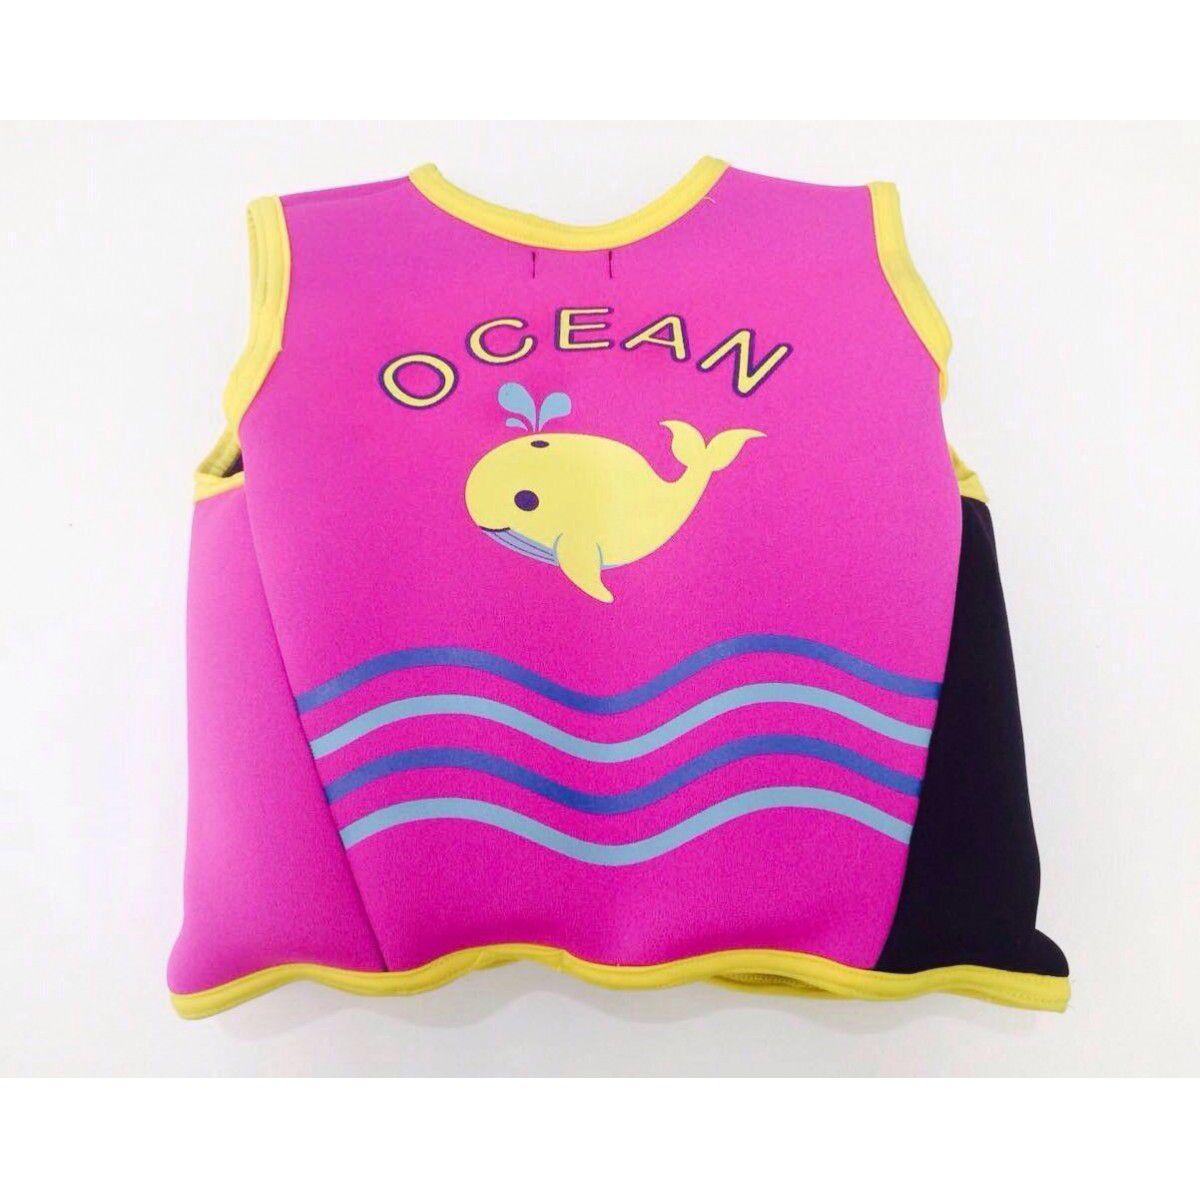 Colete de treinamentol para Natação - Neoprene Rosa - Ocean